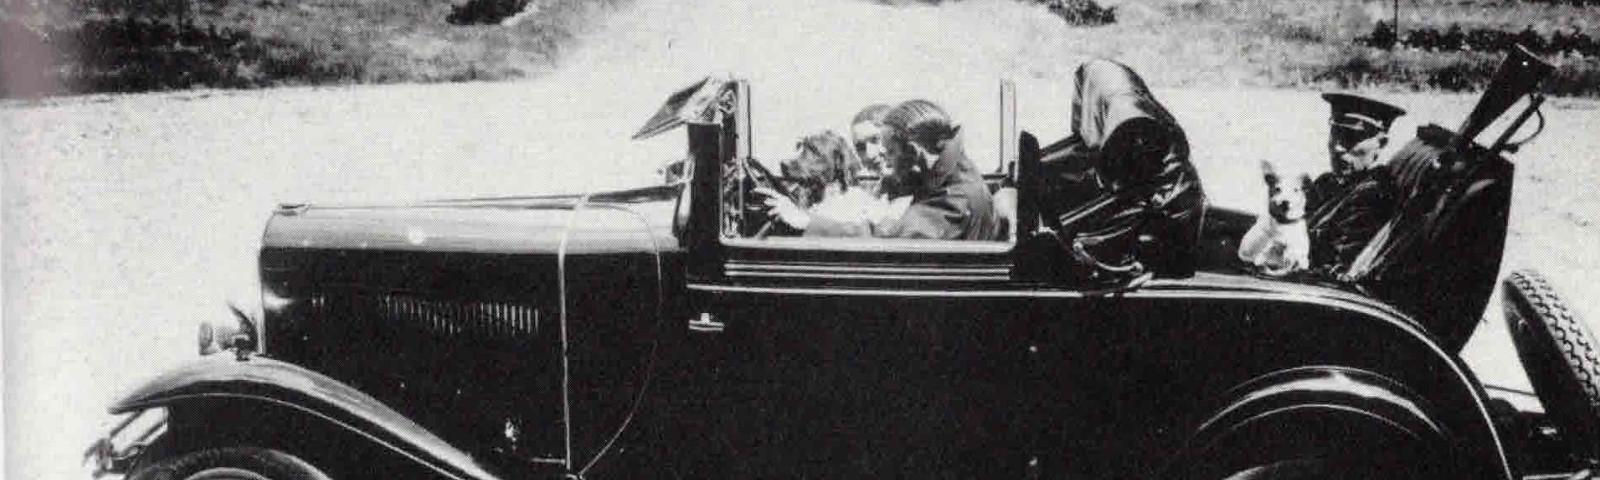 EL PEUGEOT 183, 12 SIX DE 1928